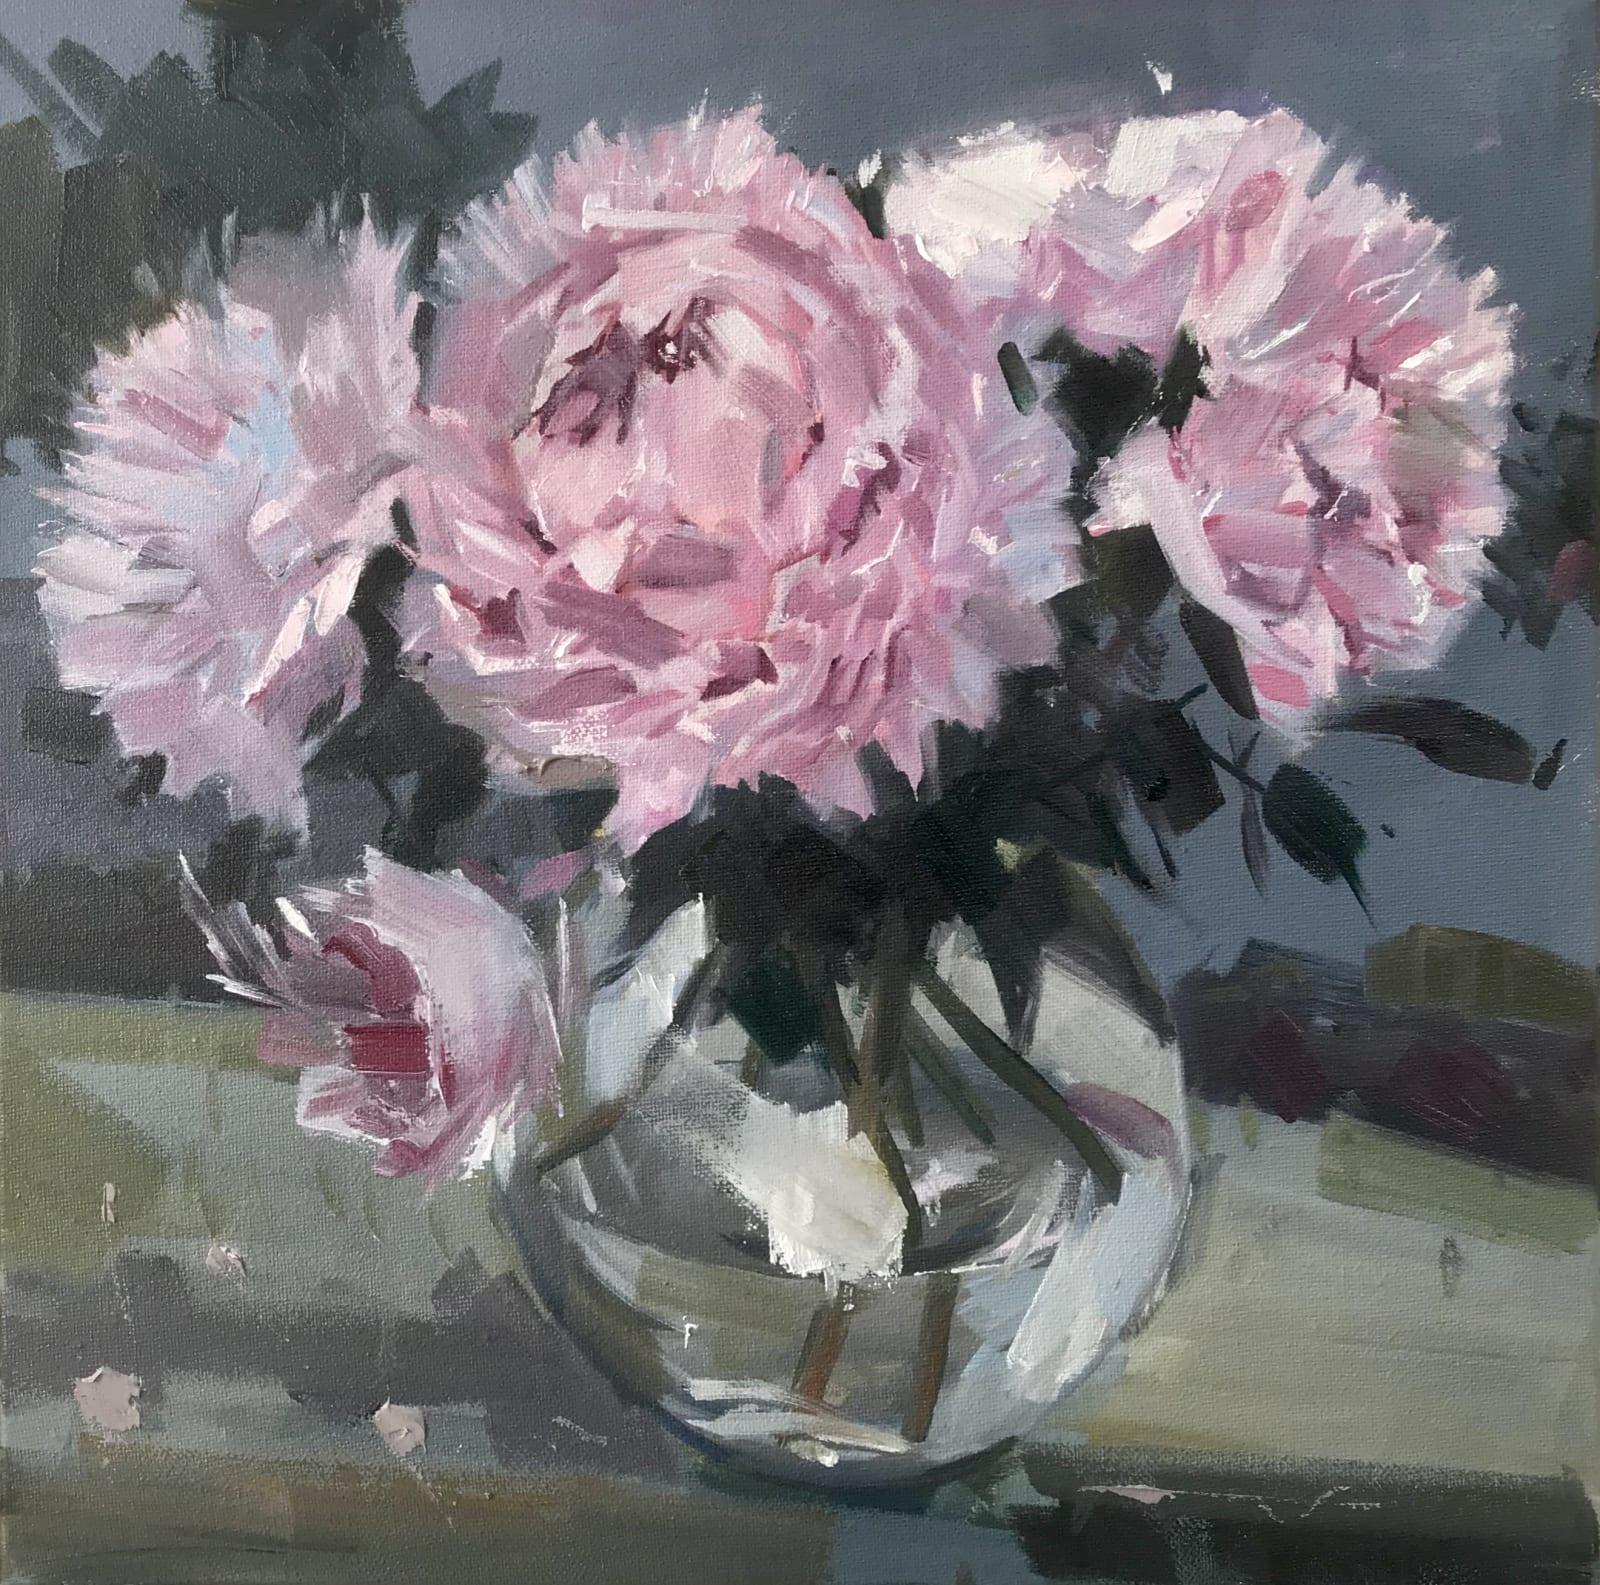 Gary Long, Warm abundance